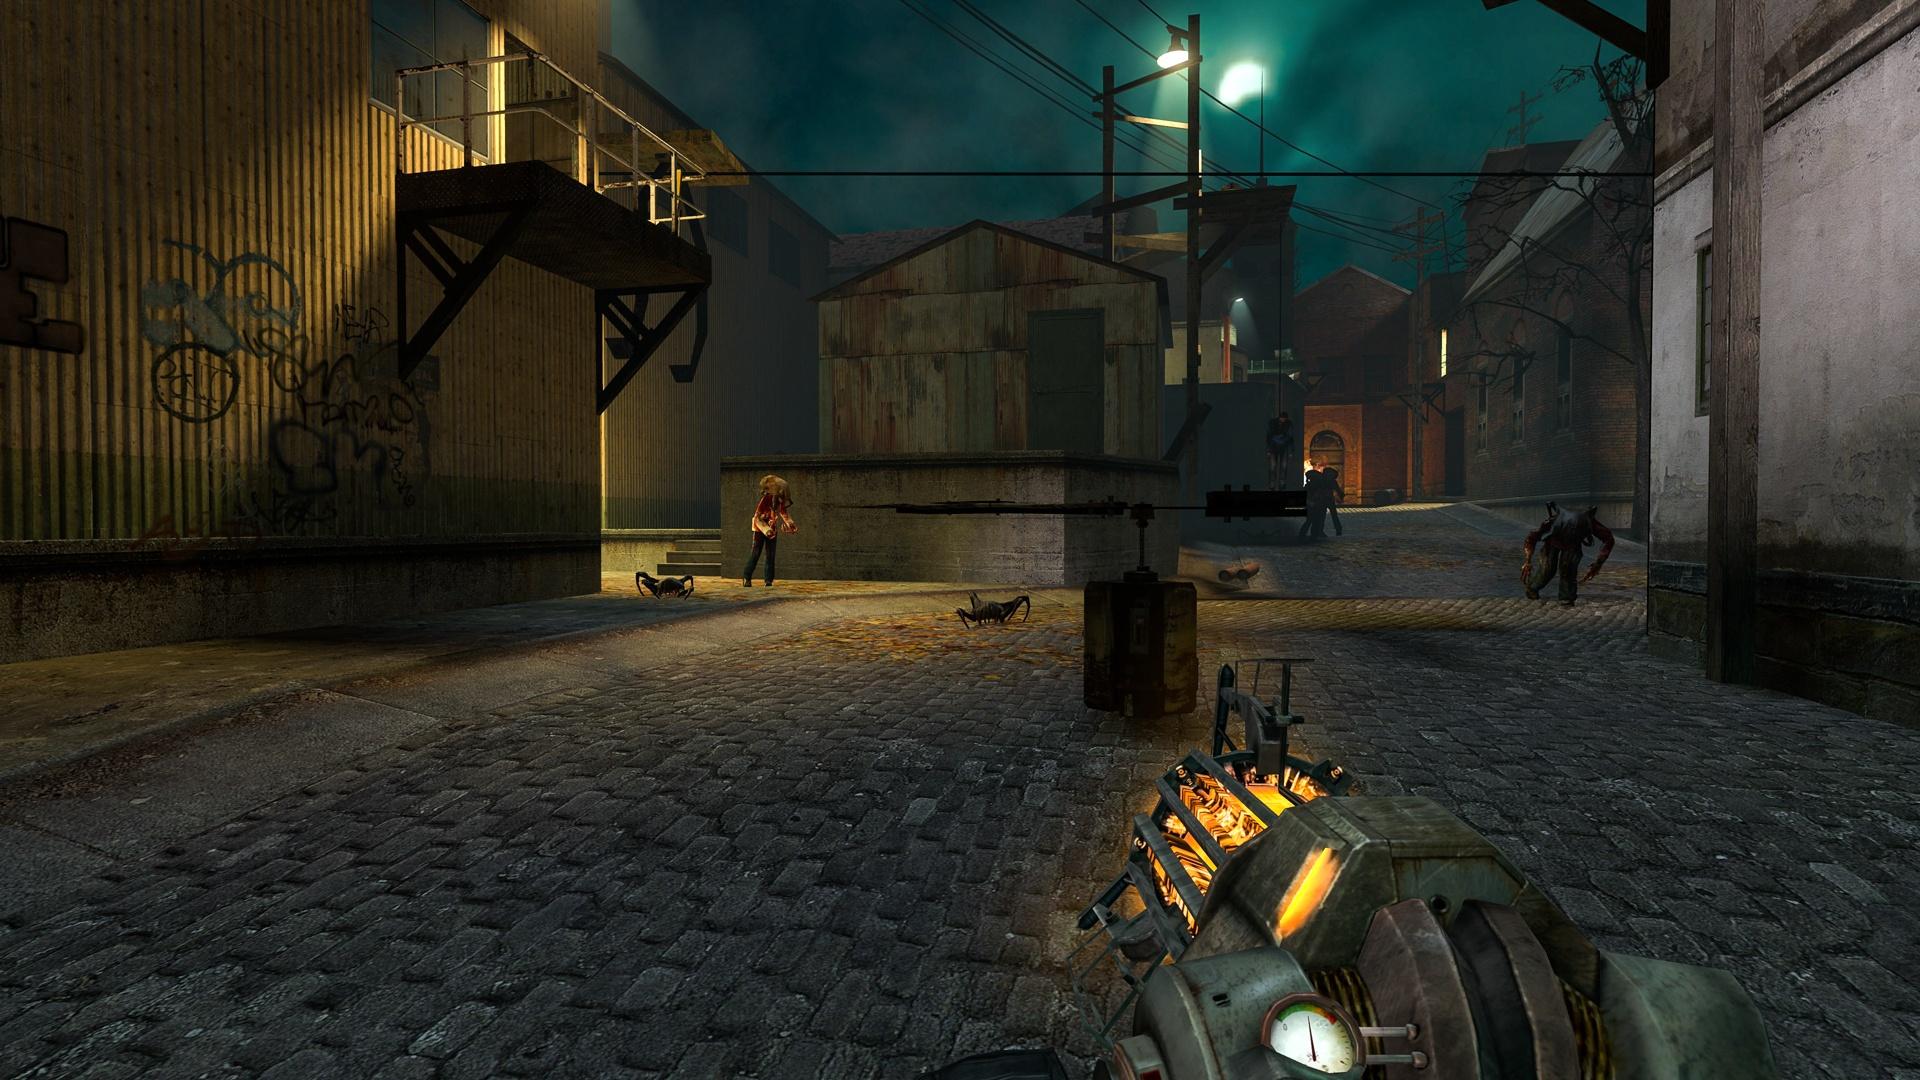 صور من داخل لعبة هاف لايف 2 الجديدة